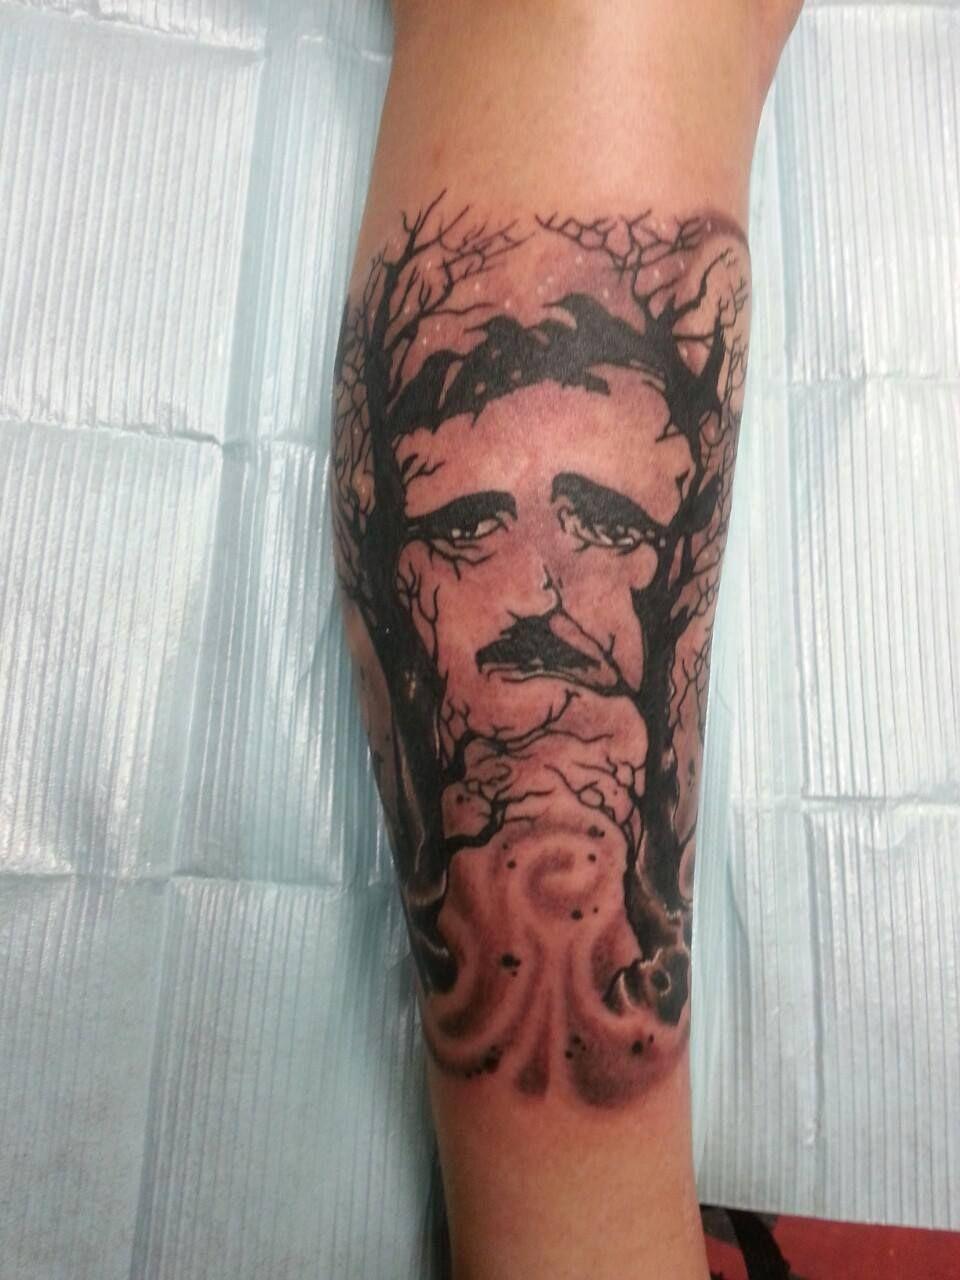 Edgar allan crow by rick welch at cape fear tattoo